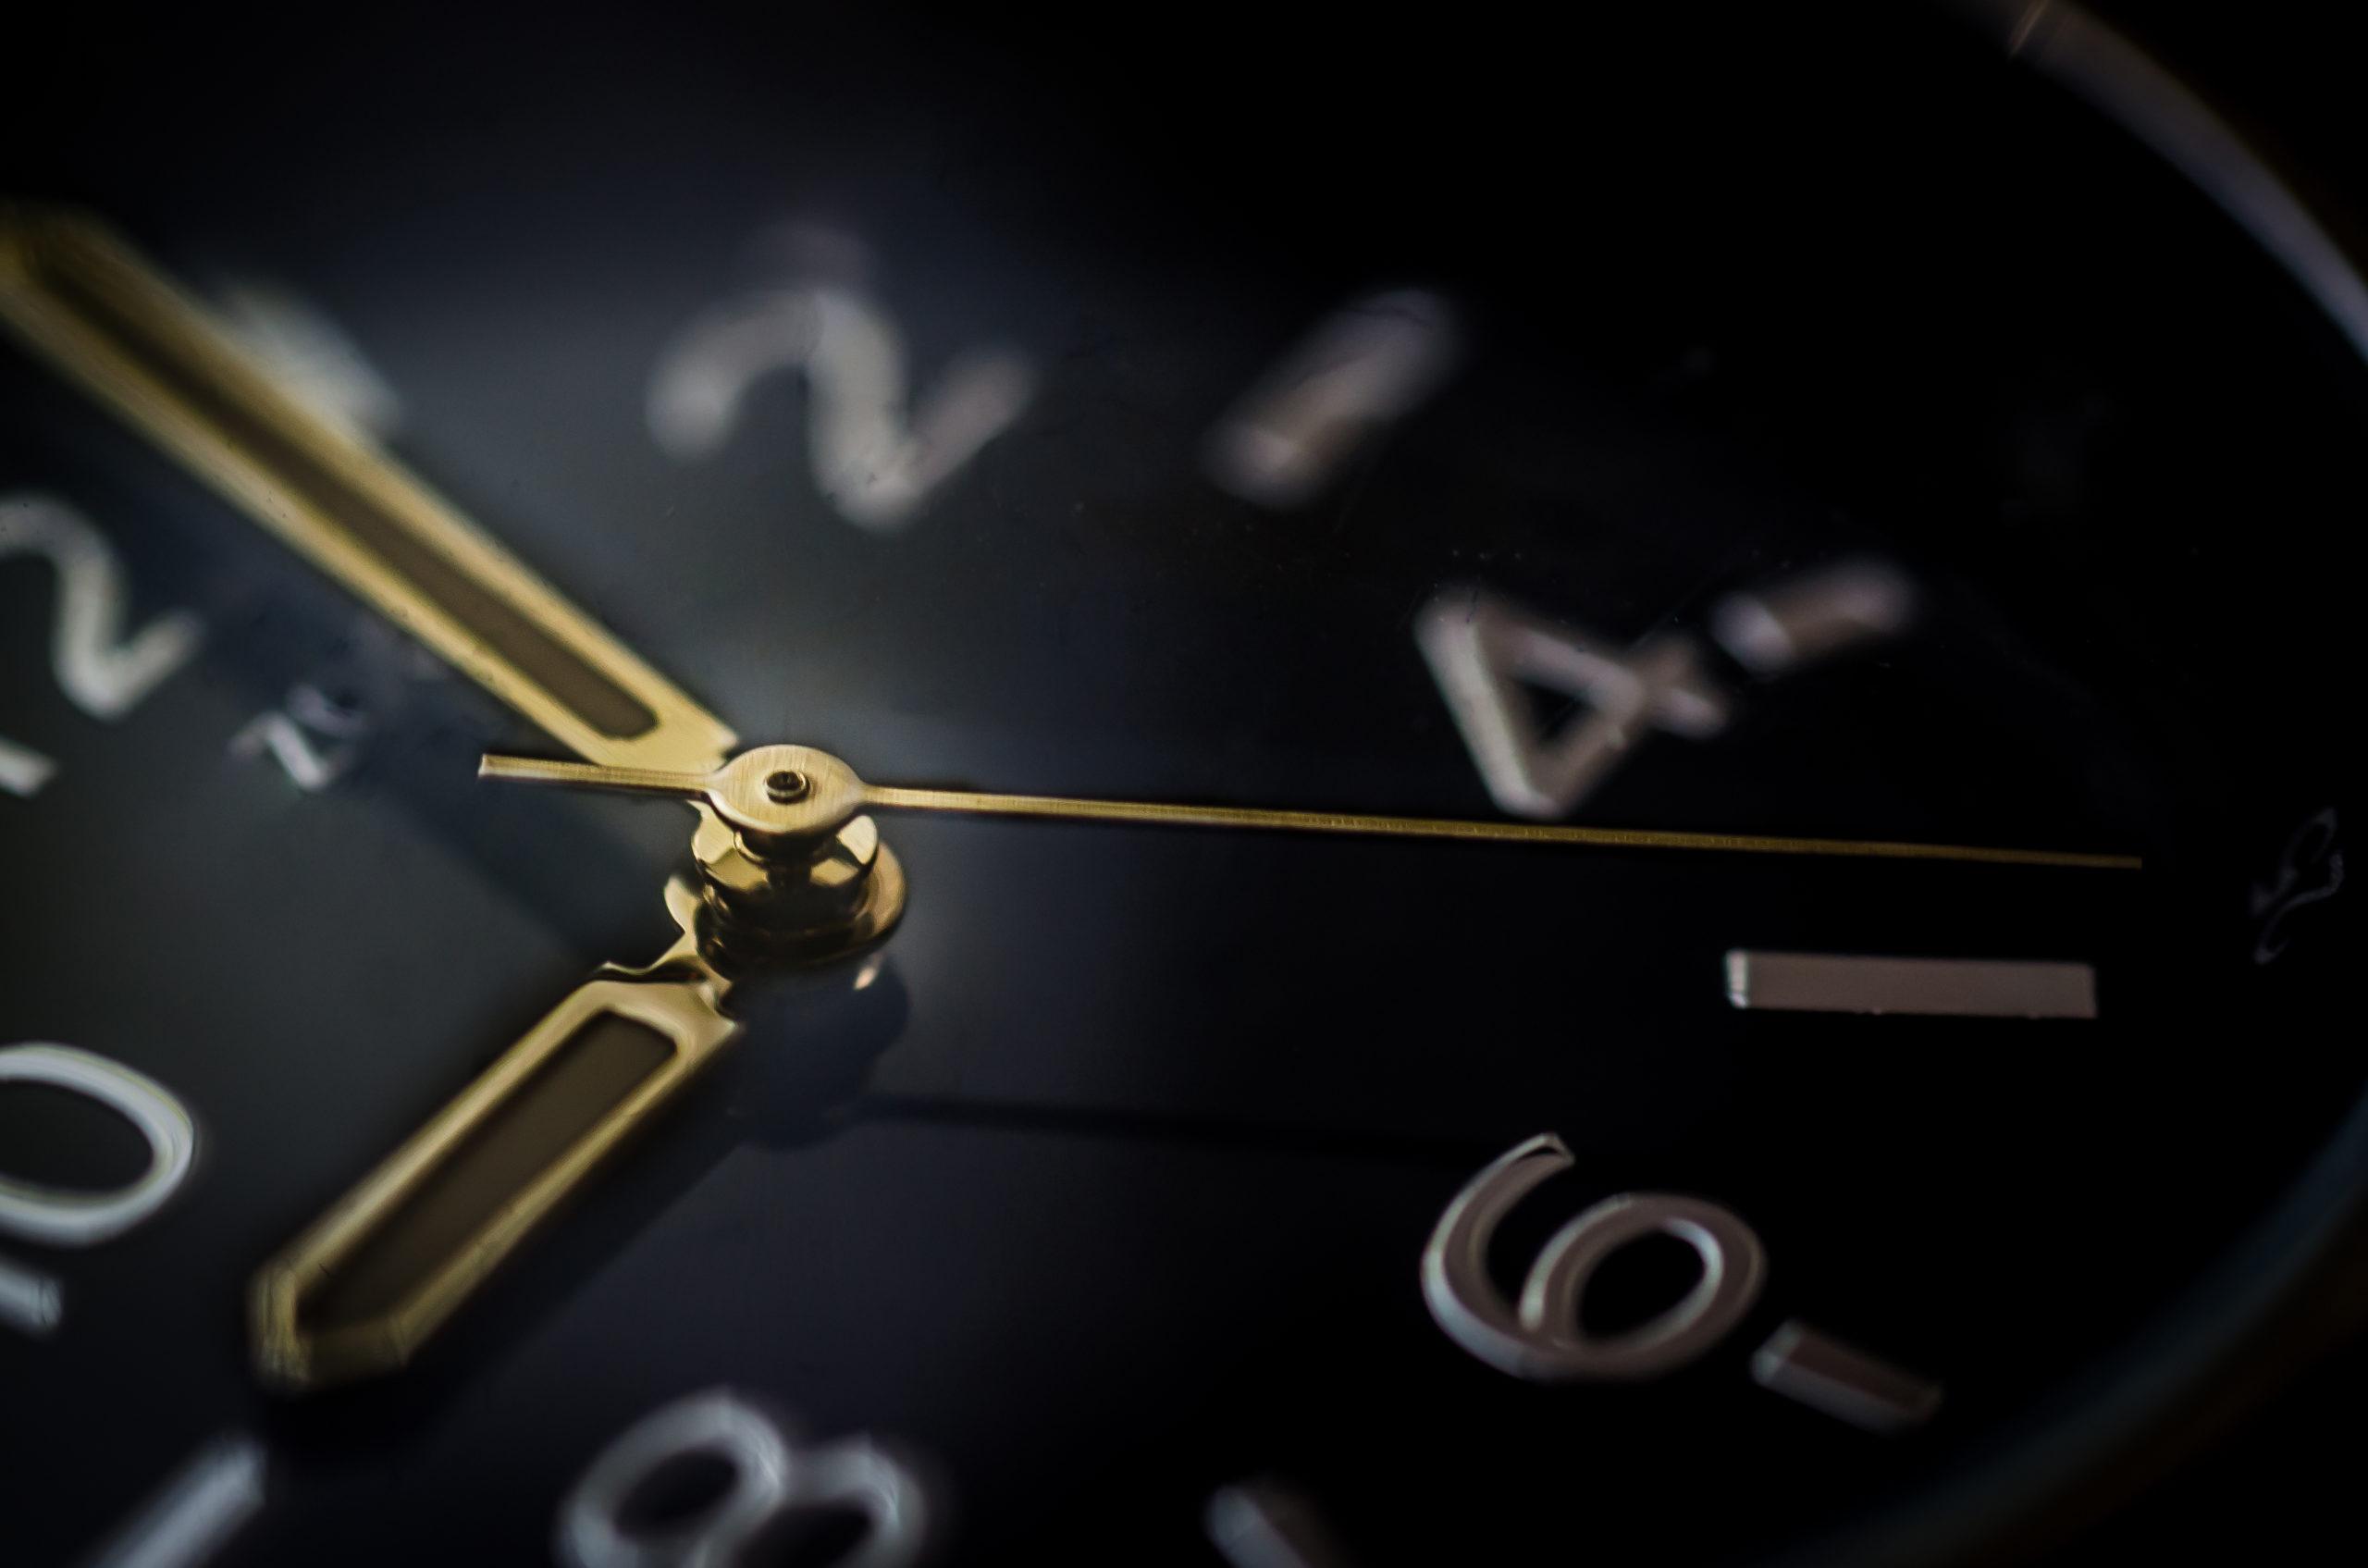 隙間時間の活用【時間管理のコツ】